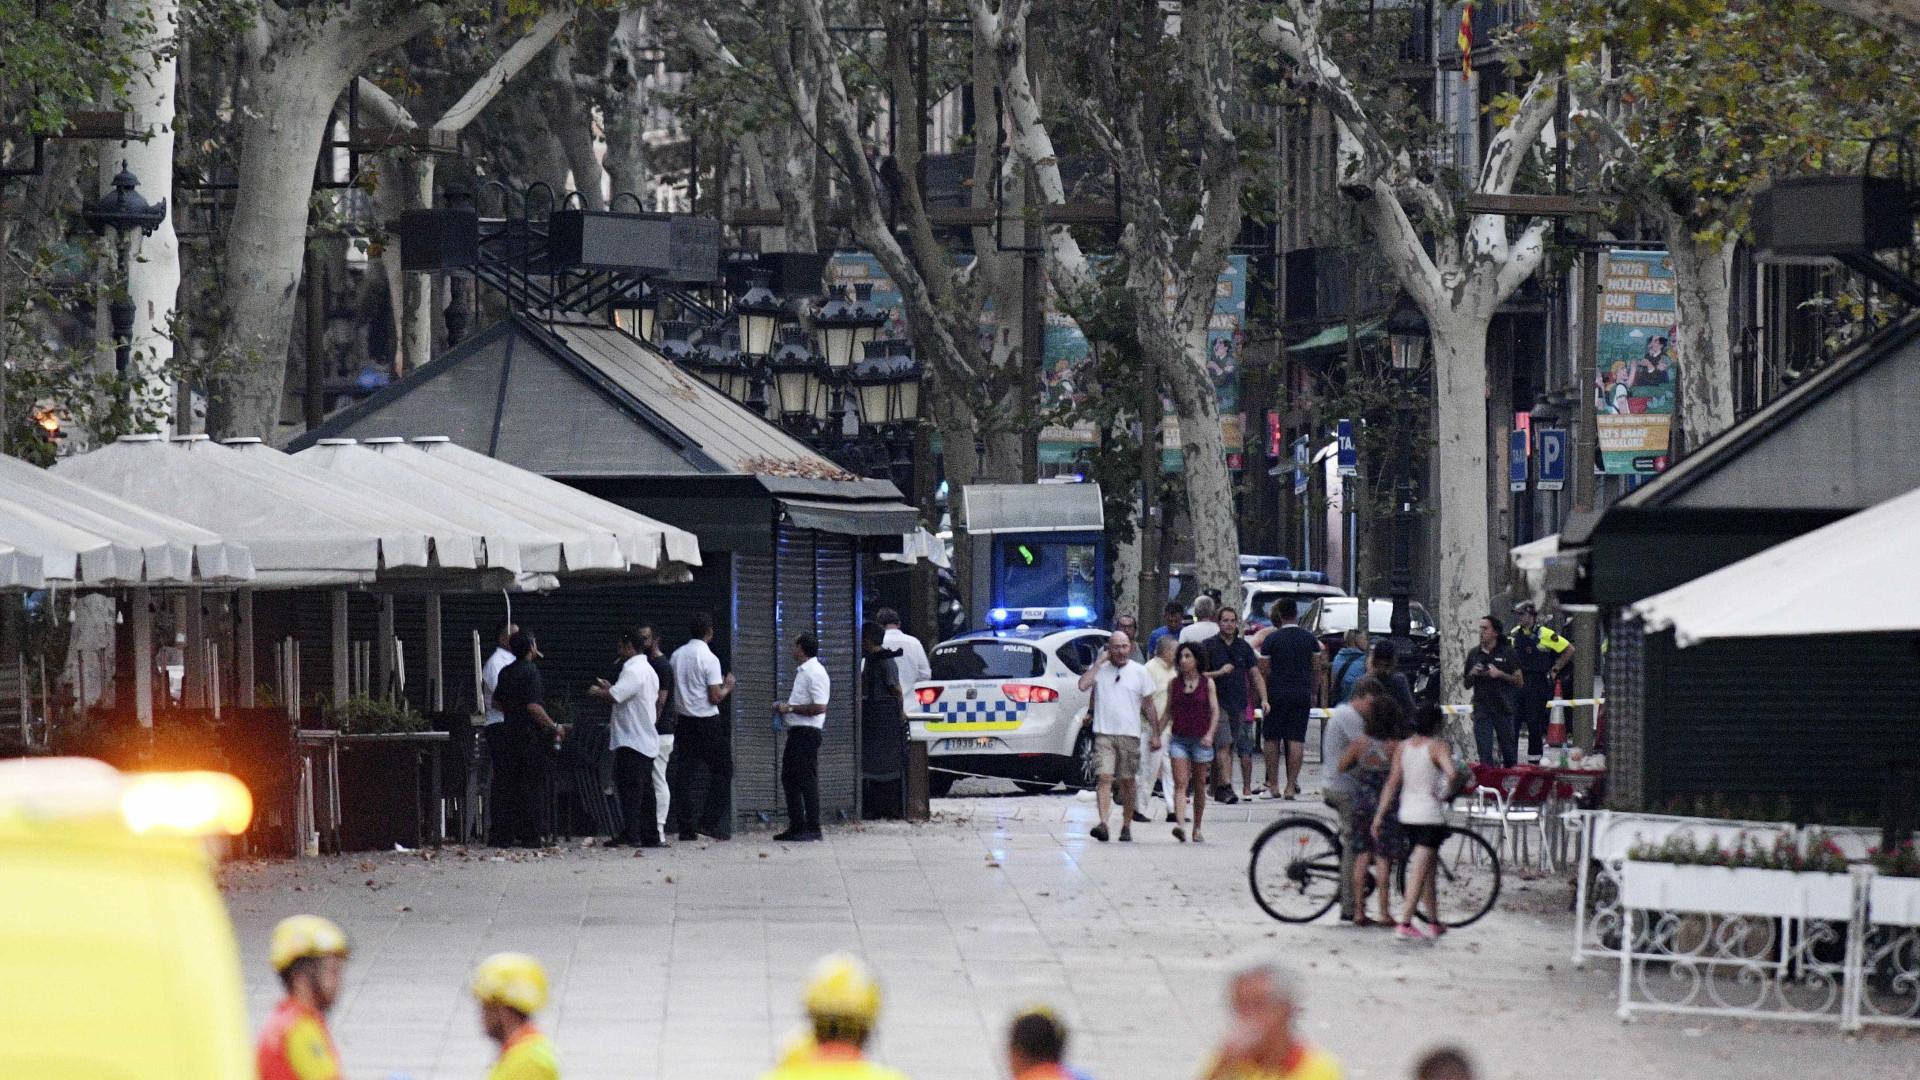 Número de mortos em ataque com van sobe para 15 — Barcelona